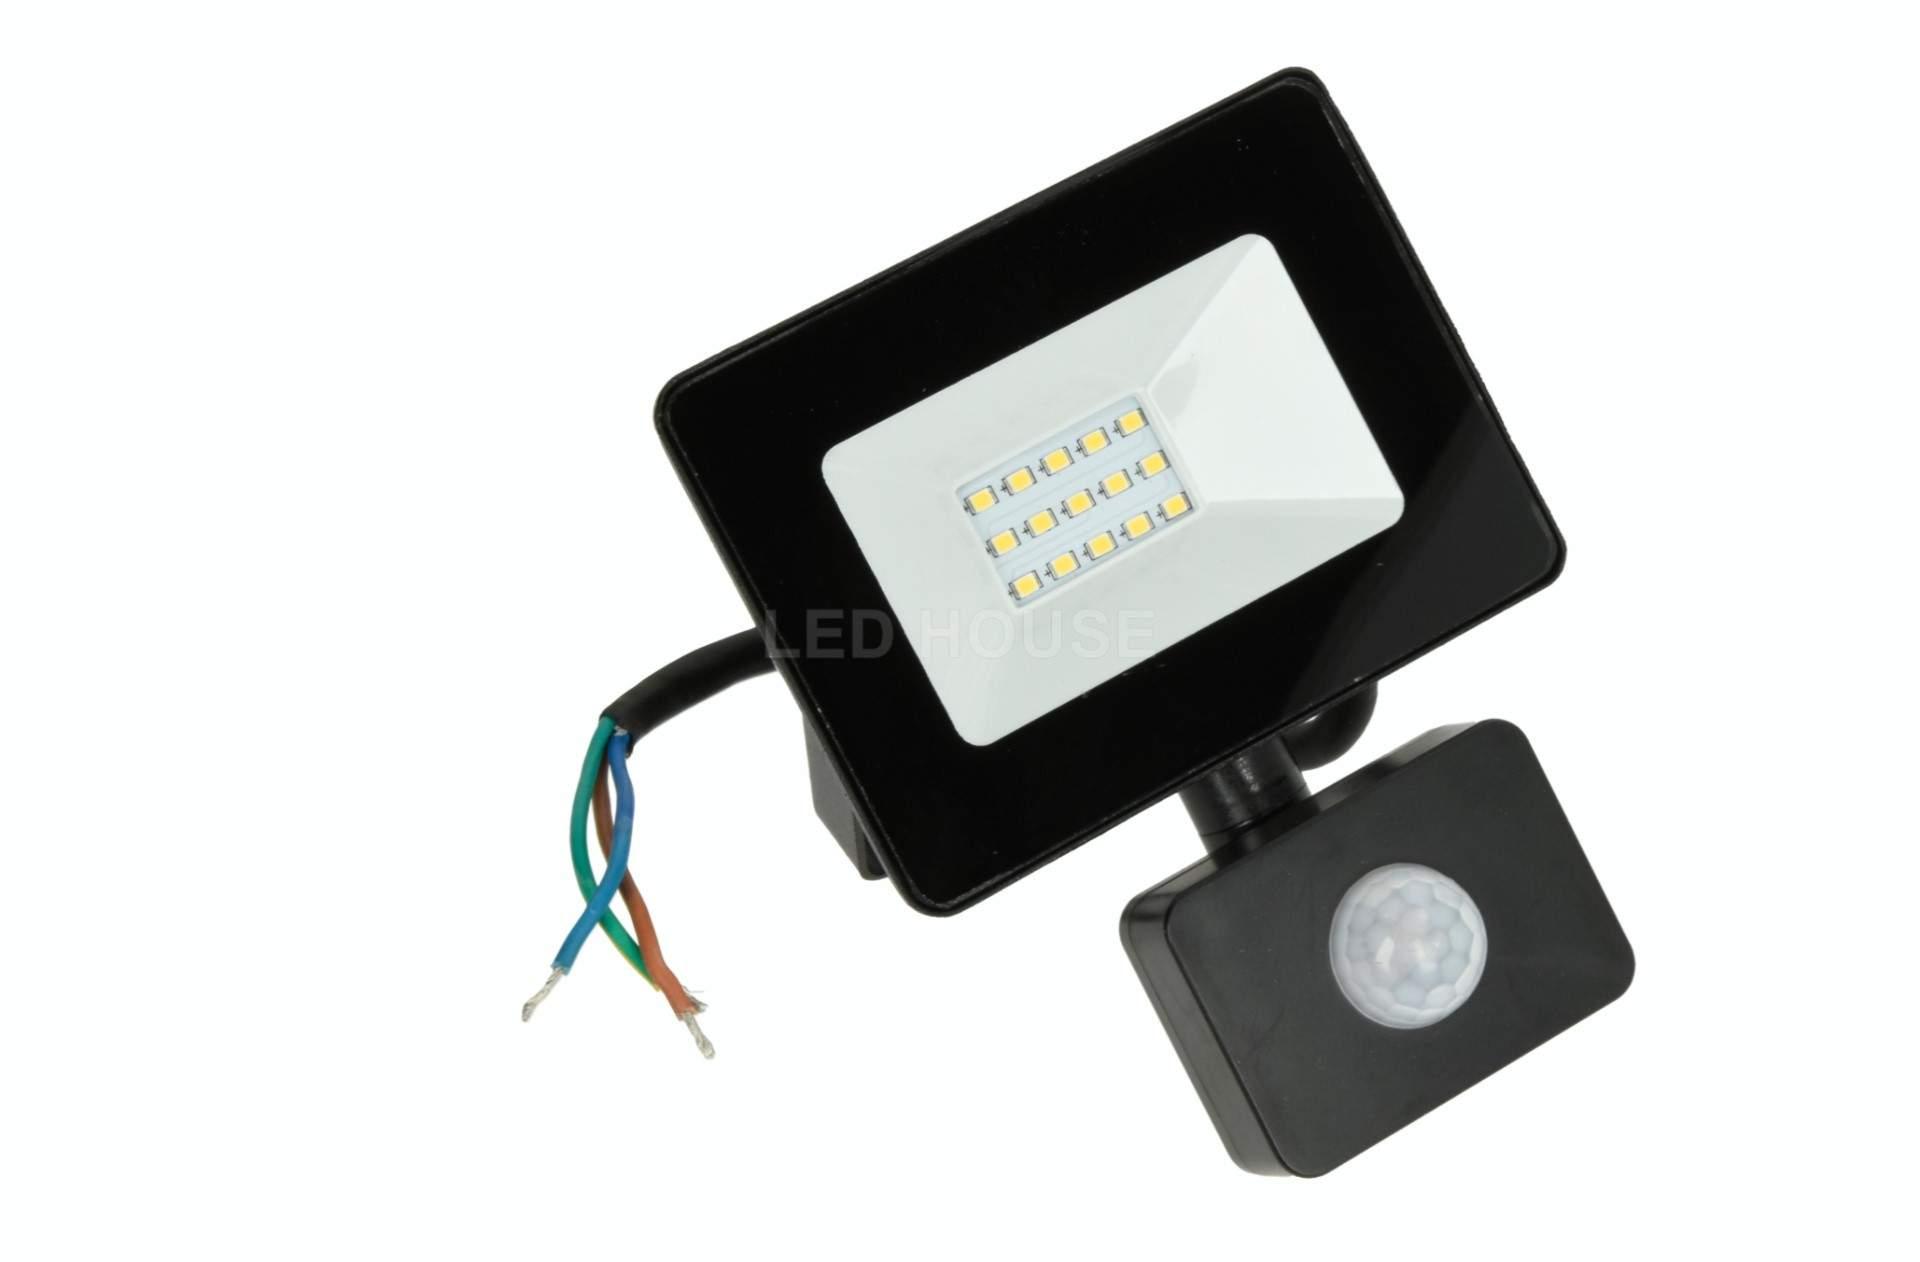 LED prožektor liikumisanduriga AIGOSTAR Slim must 230V 10W 900lm CRI70 120° IP65 4000K päevavalge